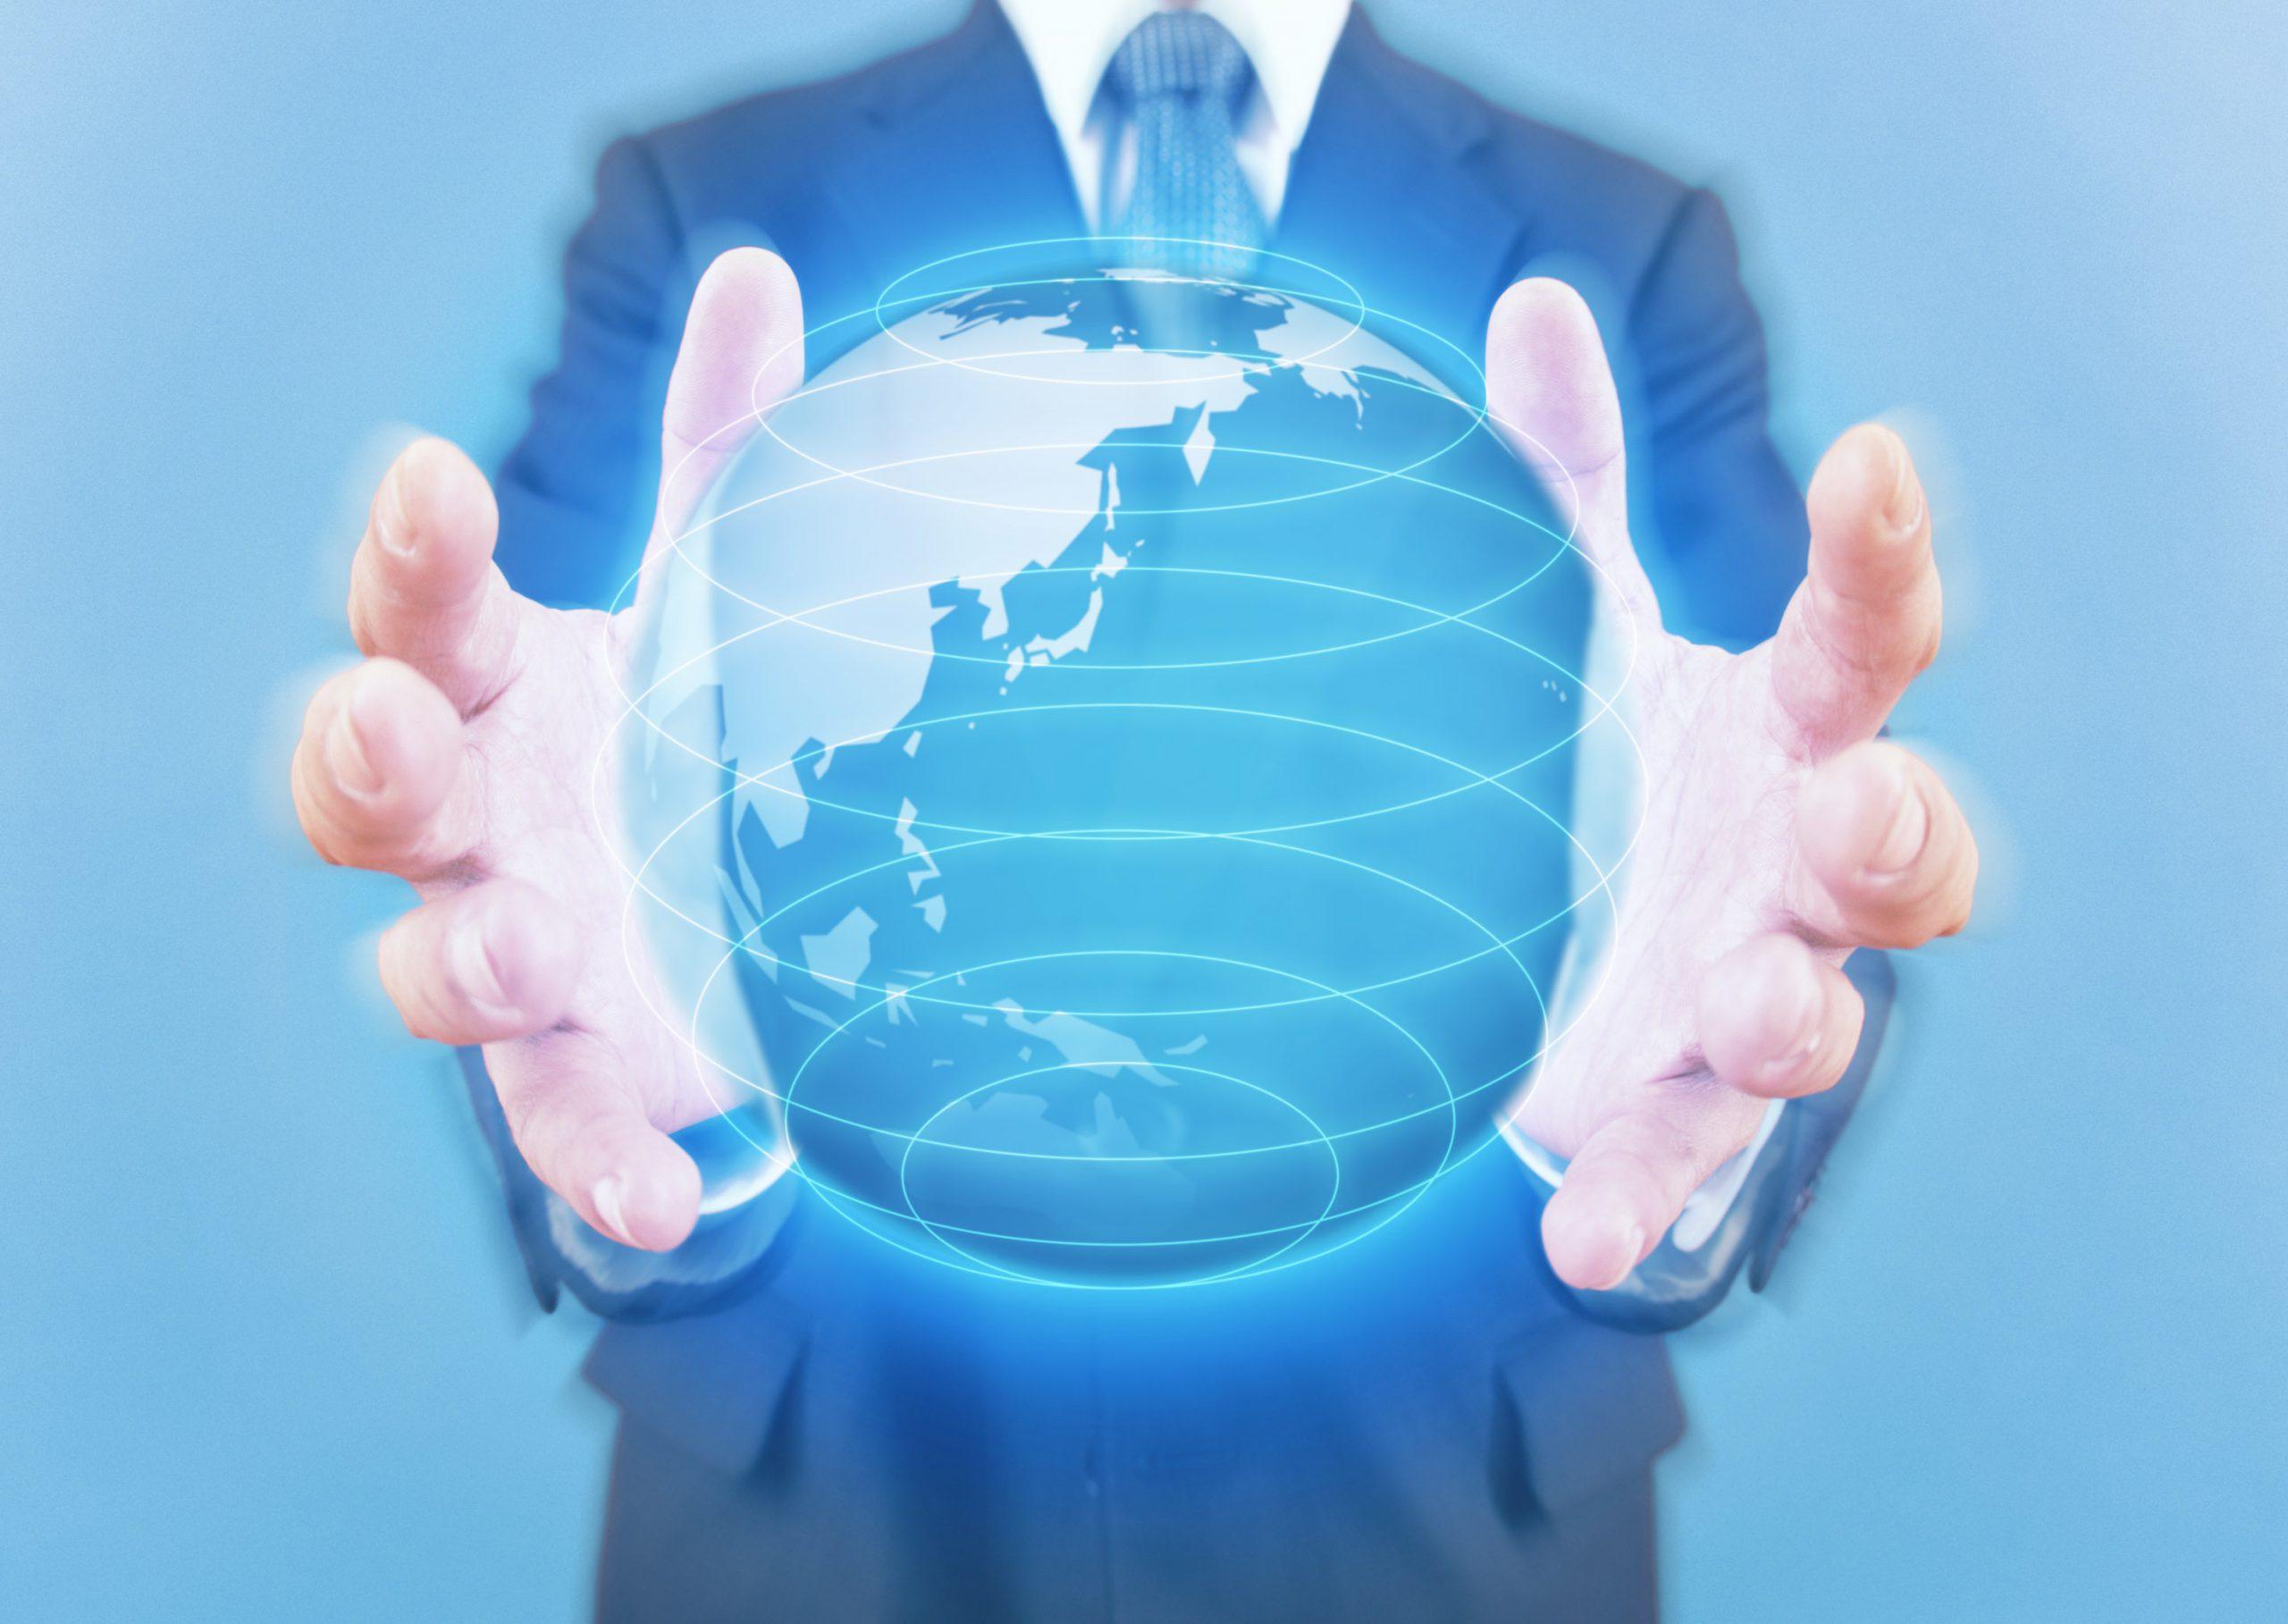 شعار سازمان ملل؛ هرکس اینترنت نداند، بیسواد است!